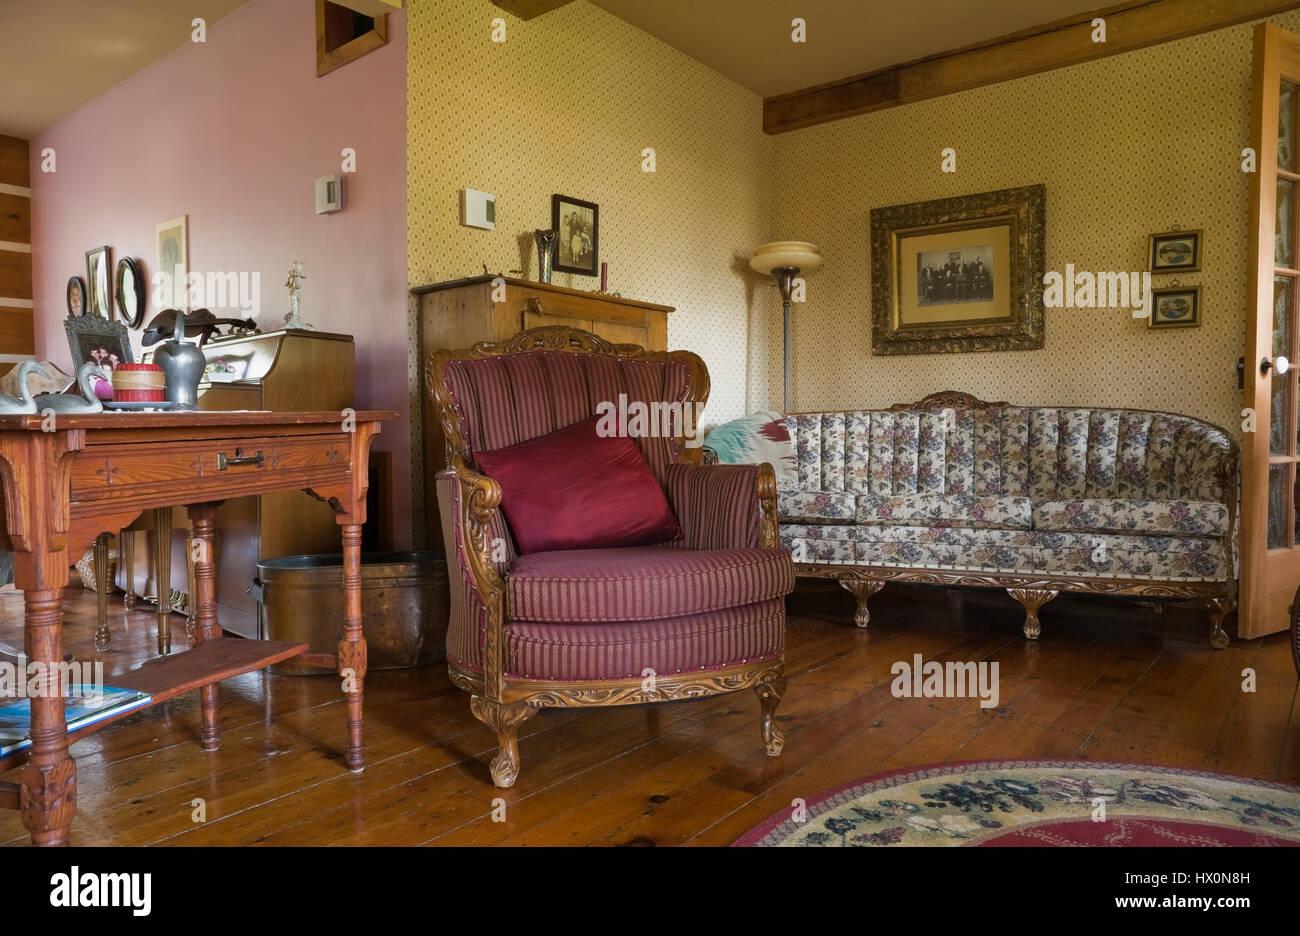 Antike Gepolsterte Sessel Mit Tisch Und Geblümten Sofa In Gelb Und Rosa  Wohnzimmer Von 1741 Altes Haus Interieur.